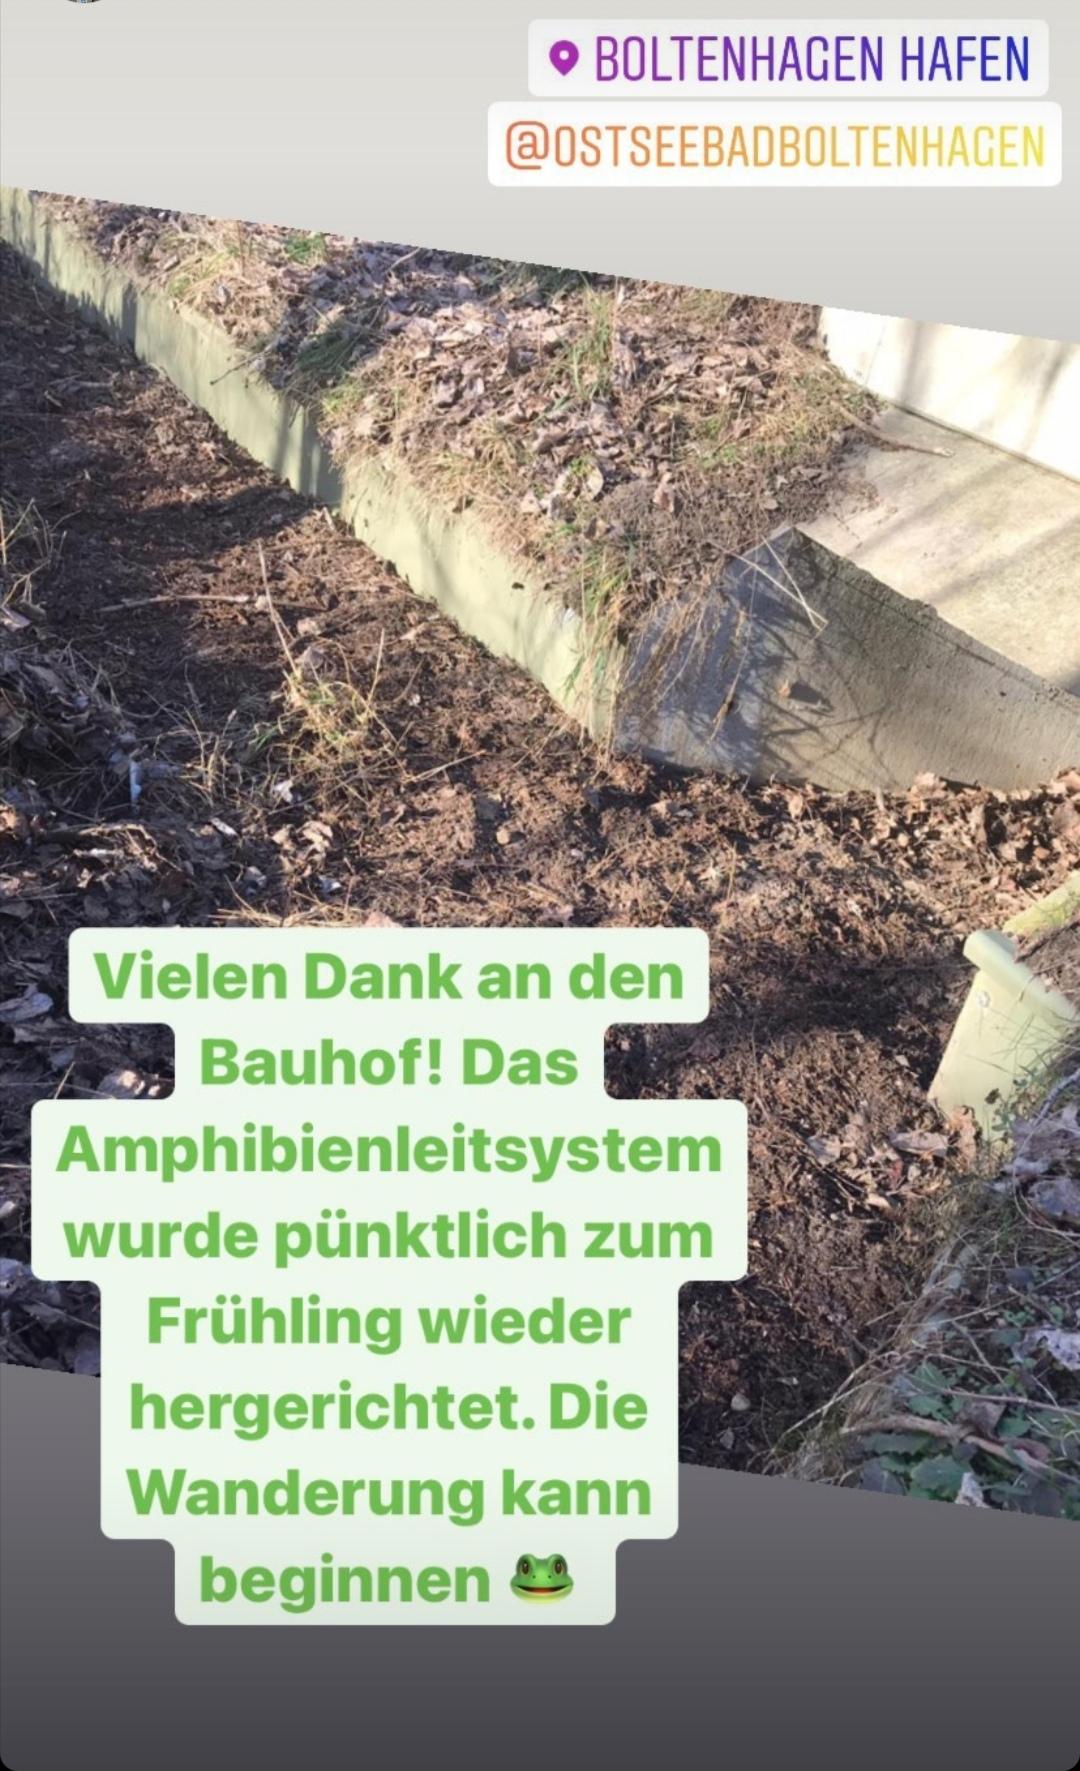 An der Weißen Wiek wohnt auch die Kreuzkröte. Danke an den Bauhof, für die Frühlingspflege des Amphibienleitsystems